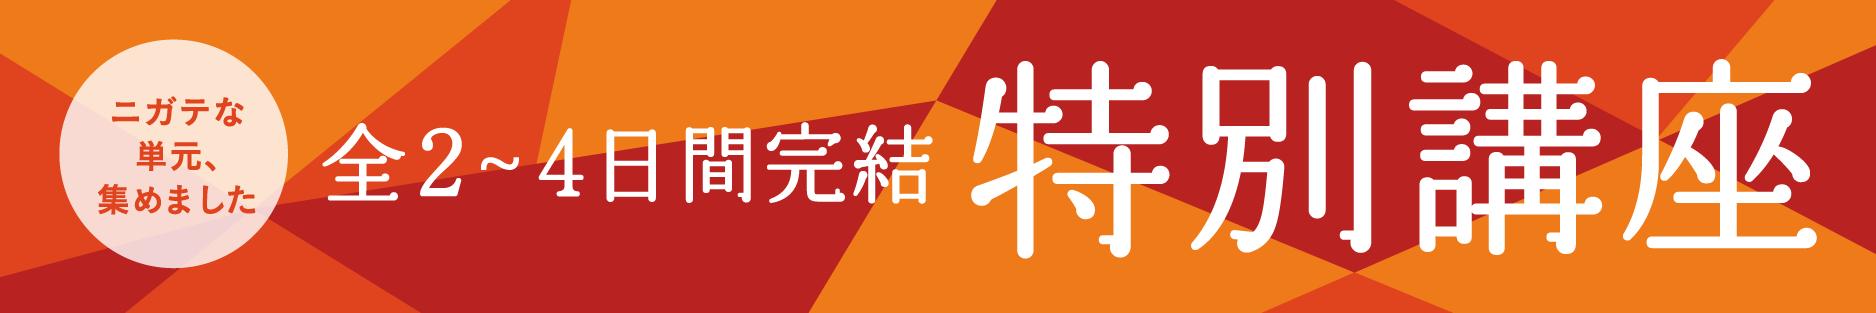 特別講座(横浜みなとみらい校限定)